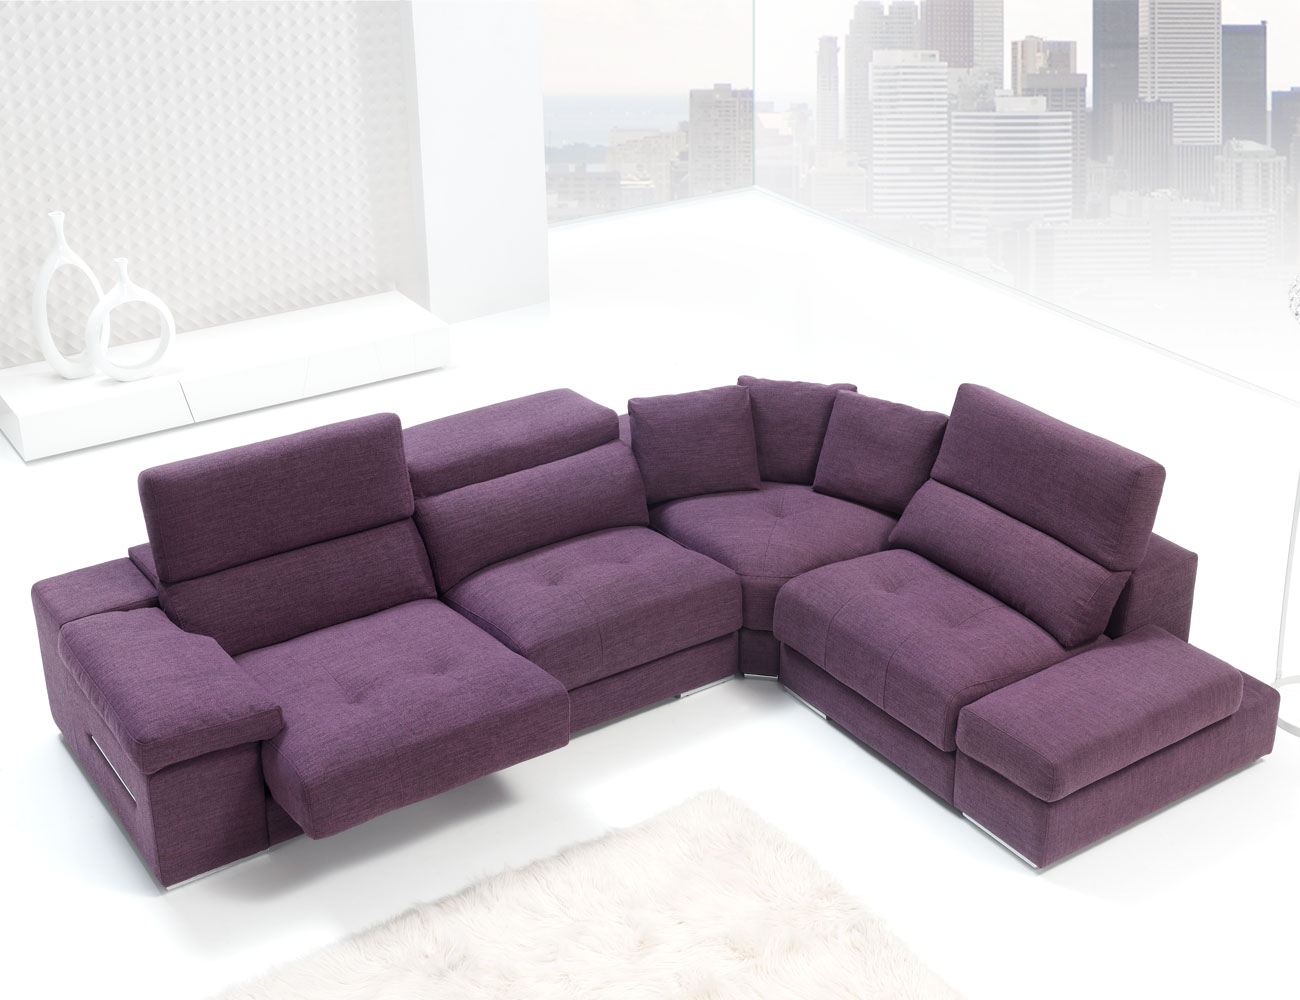 Sofa chaiselongue rincon con brazo mecanico tejido anti manchas 23